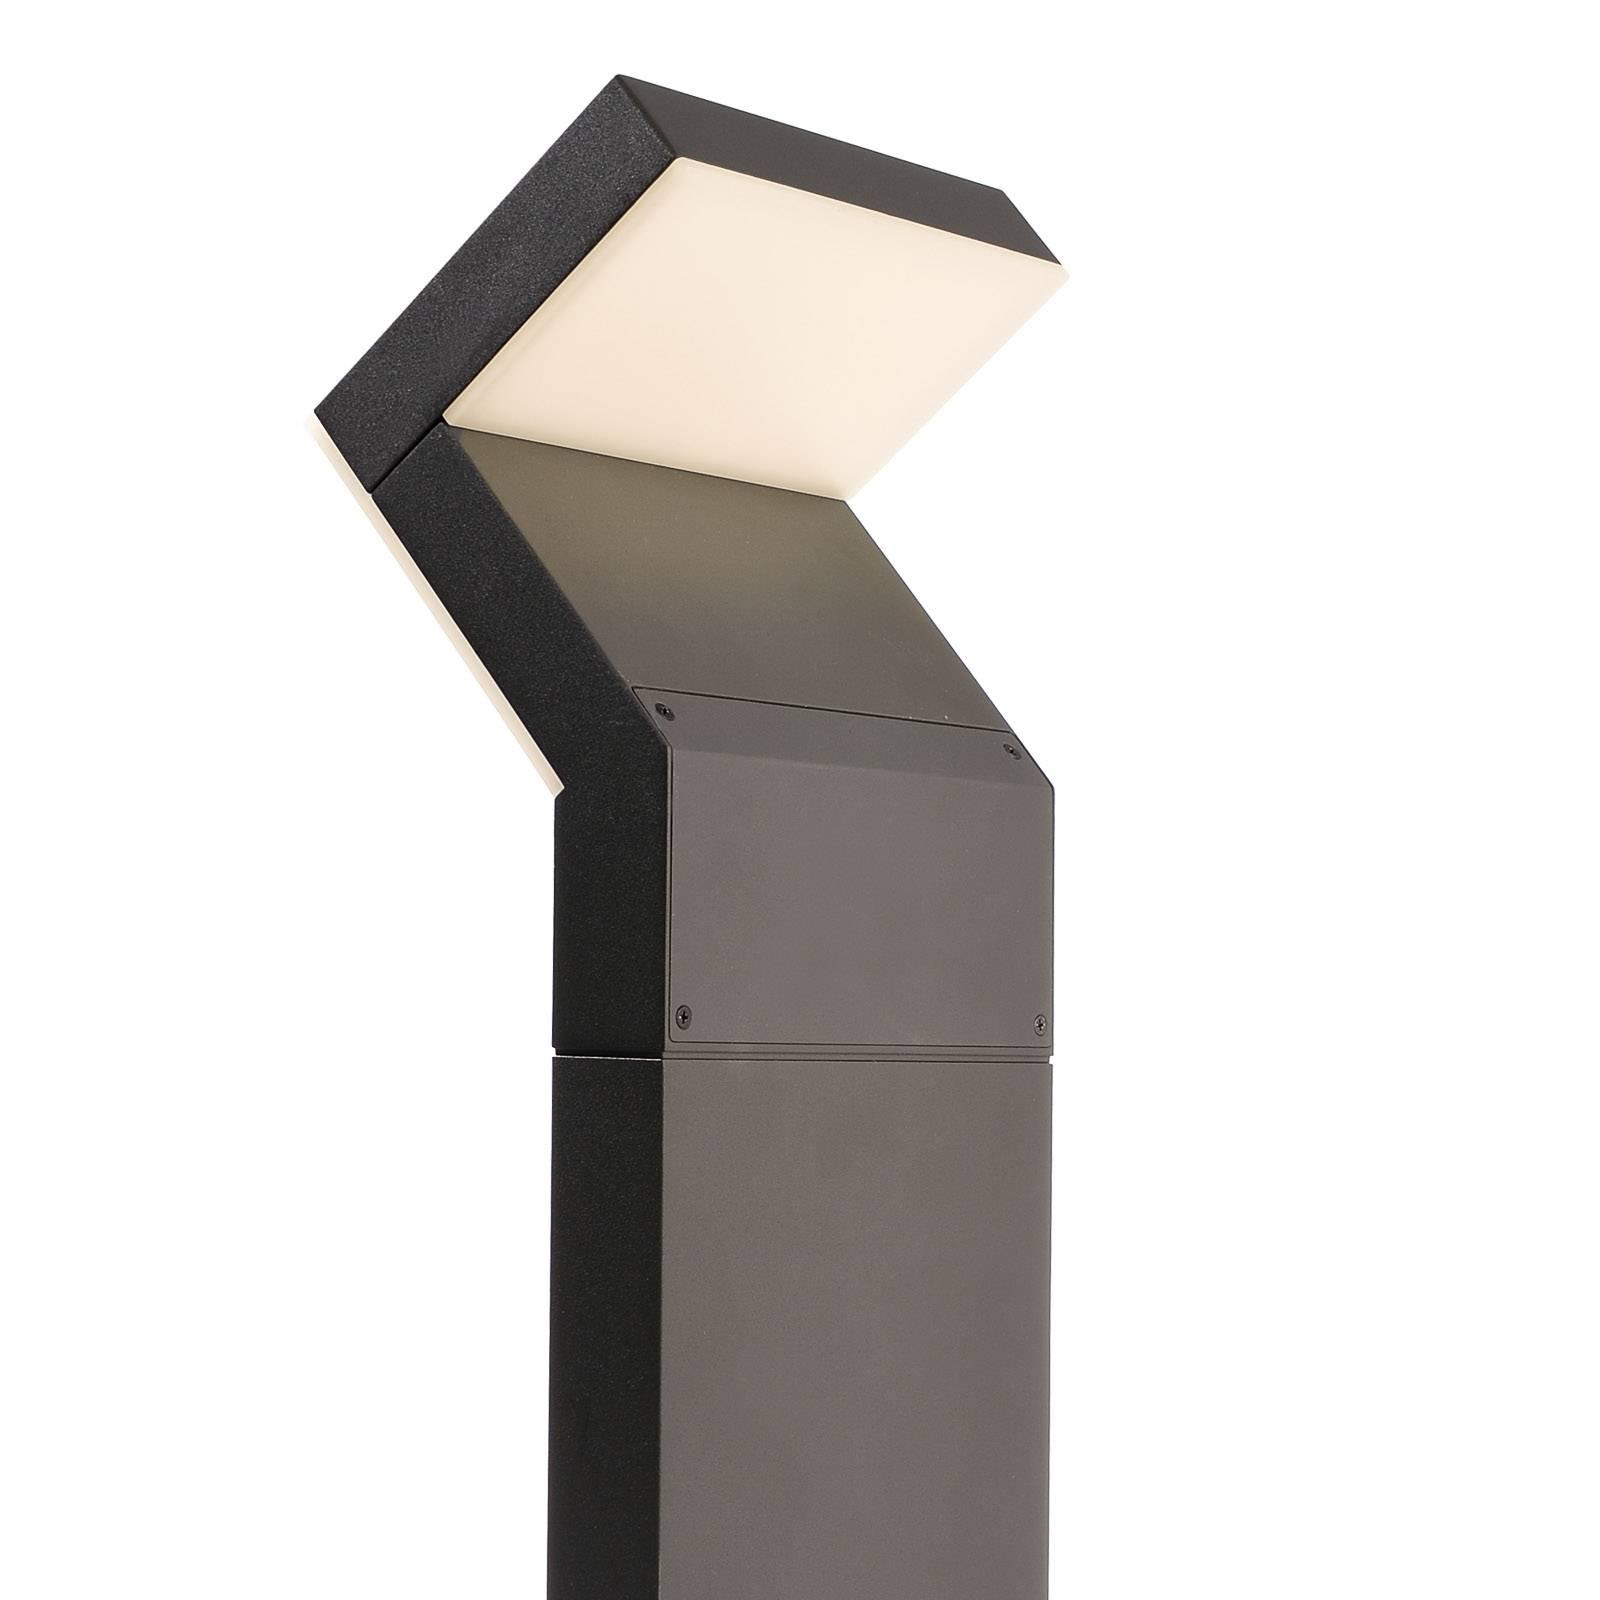 LED-pylväsvalaisin Taygeta, 100 cm